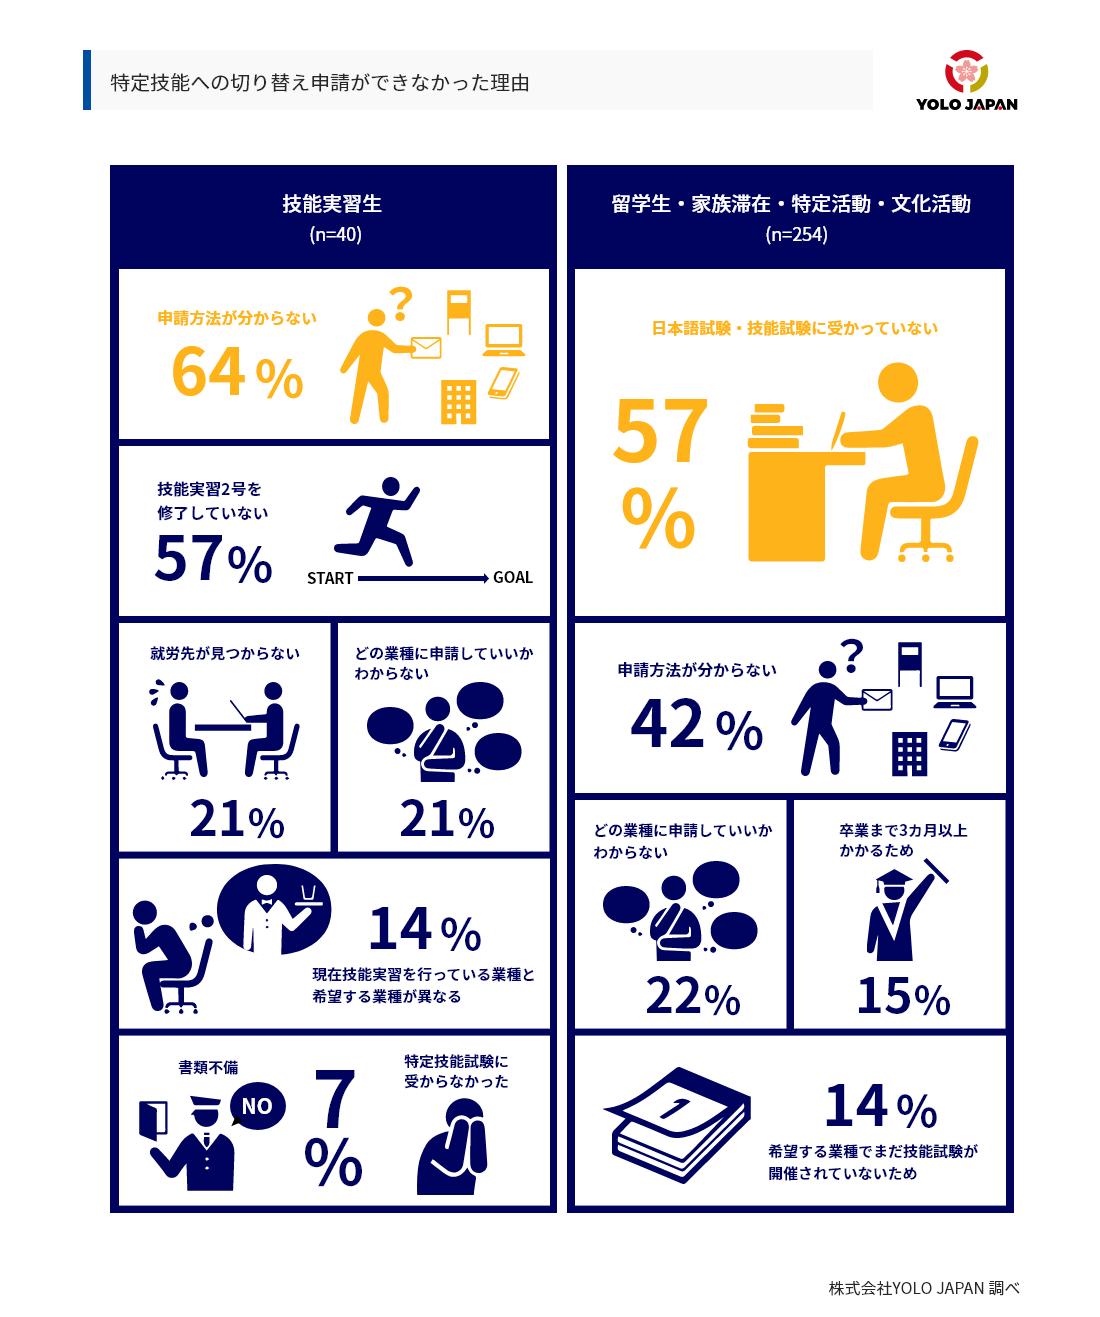 在留資格「特定技能」への切り替え申請ができなかったと回答した理由を技能実習生や留学生に調査したところ、申請方法が分からないことや日本語試験・技能試験に受かっていないということが多く挙げられました。